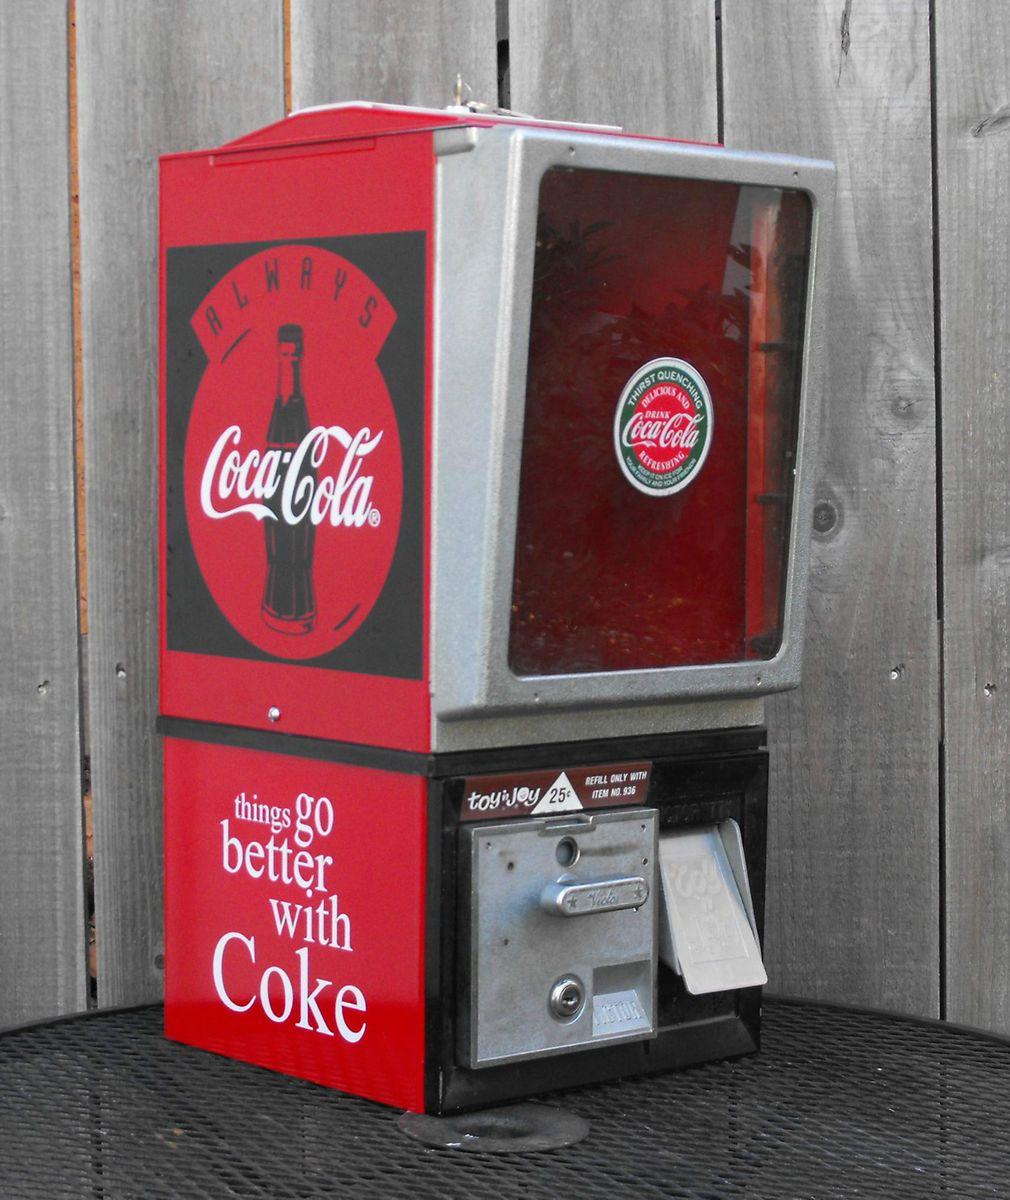 Toy N Joy Machine : Vintage toy n joy victor gumball vending machine in a